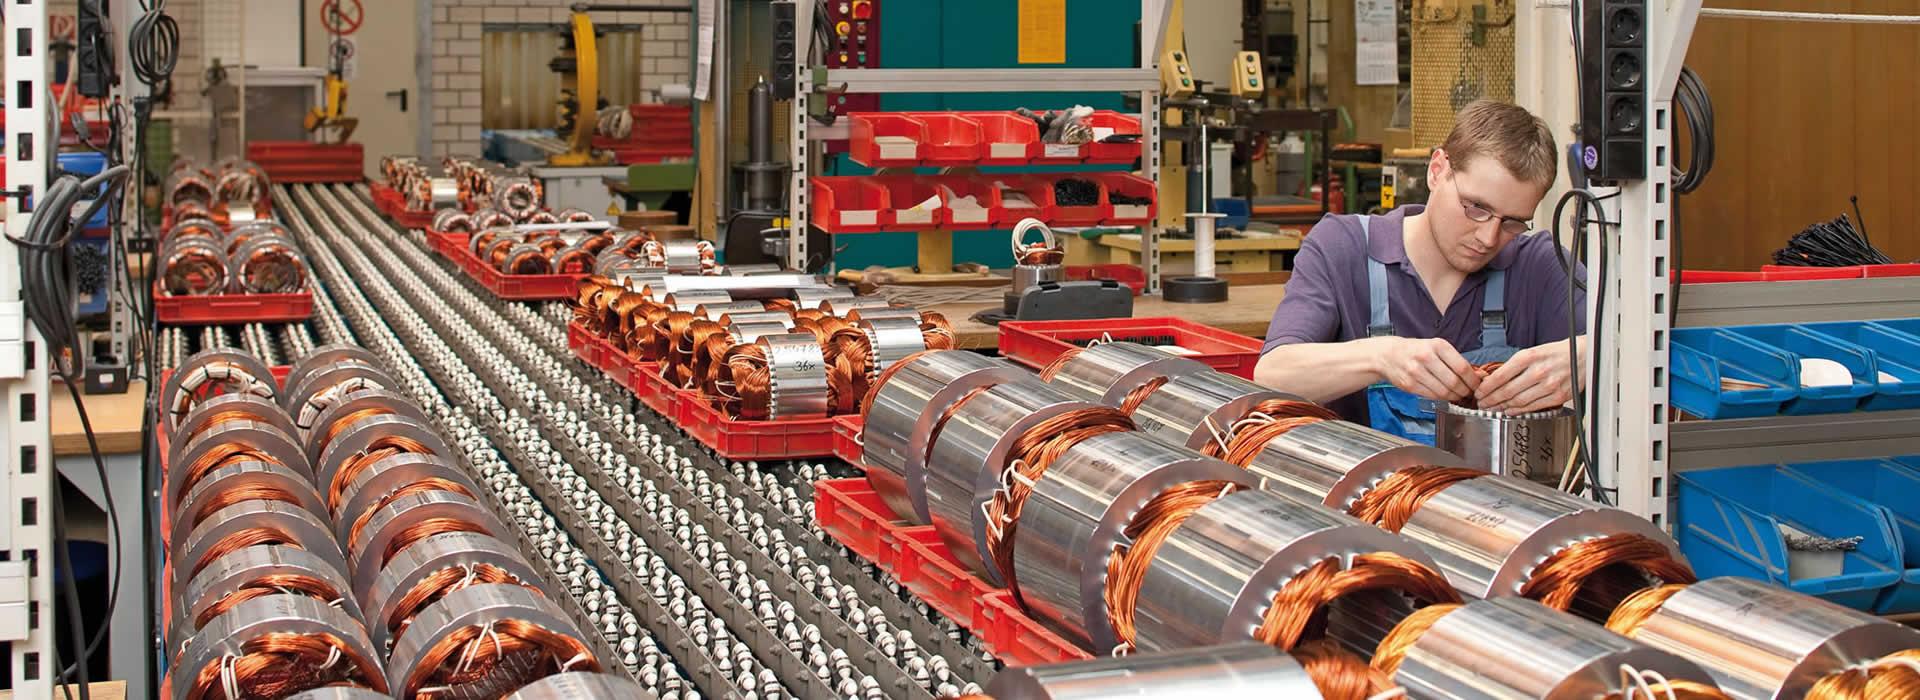 Producción y manufactura